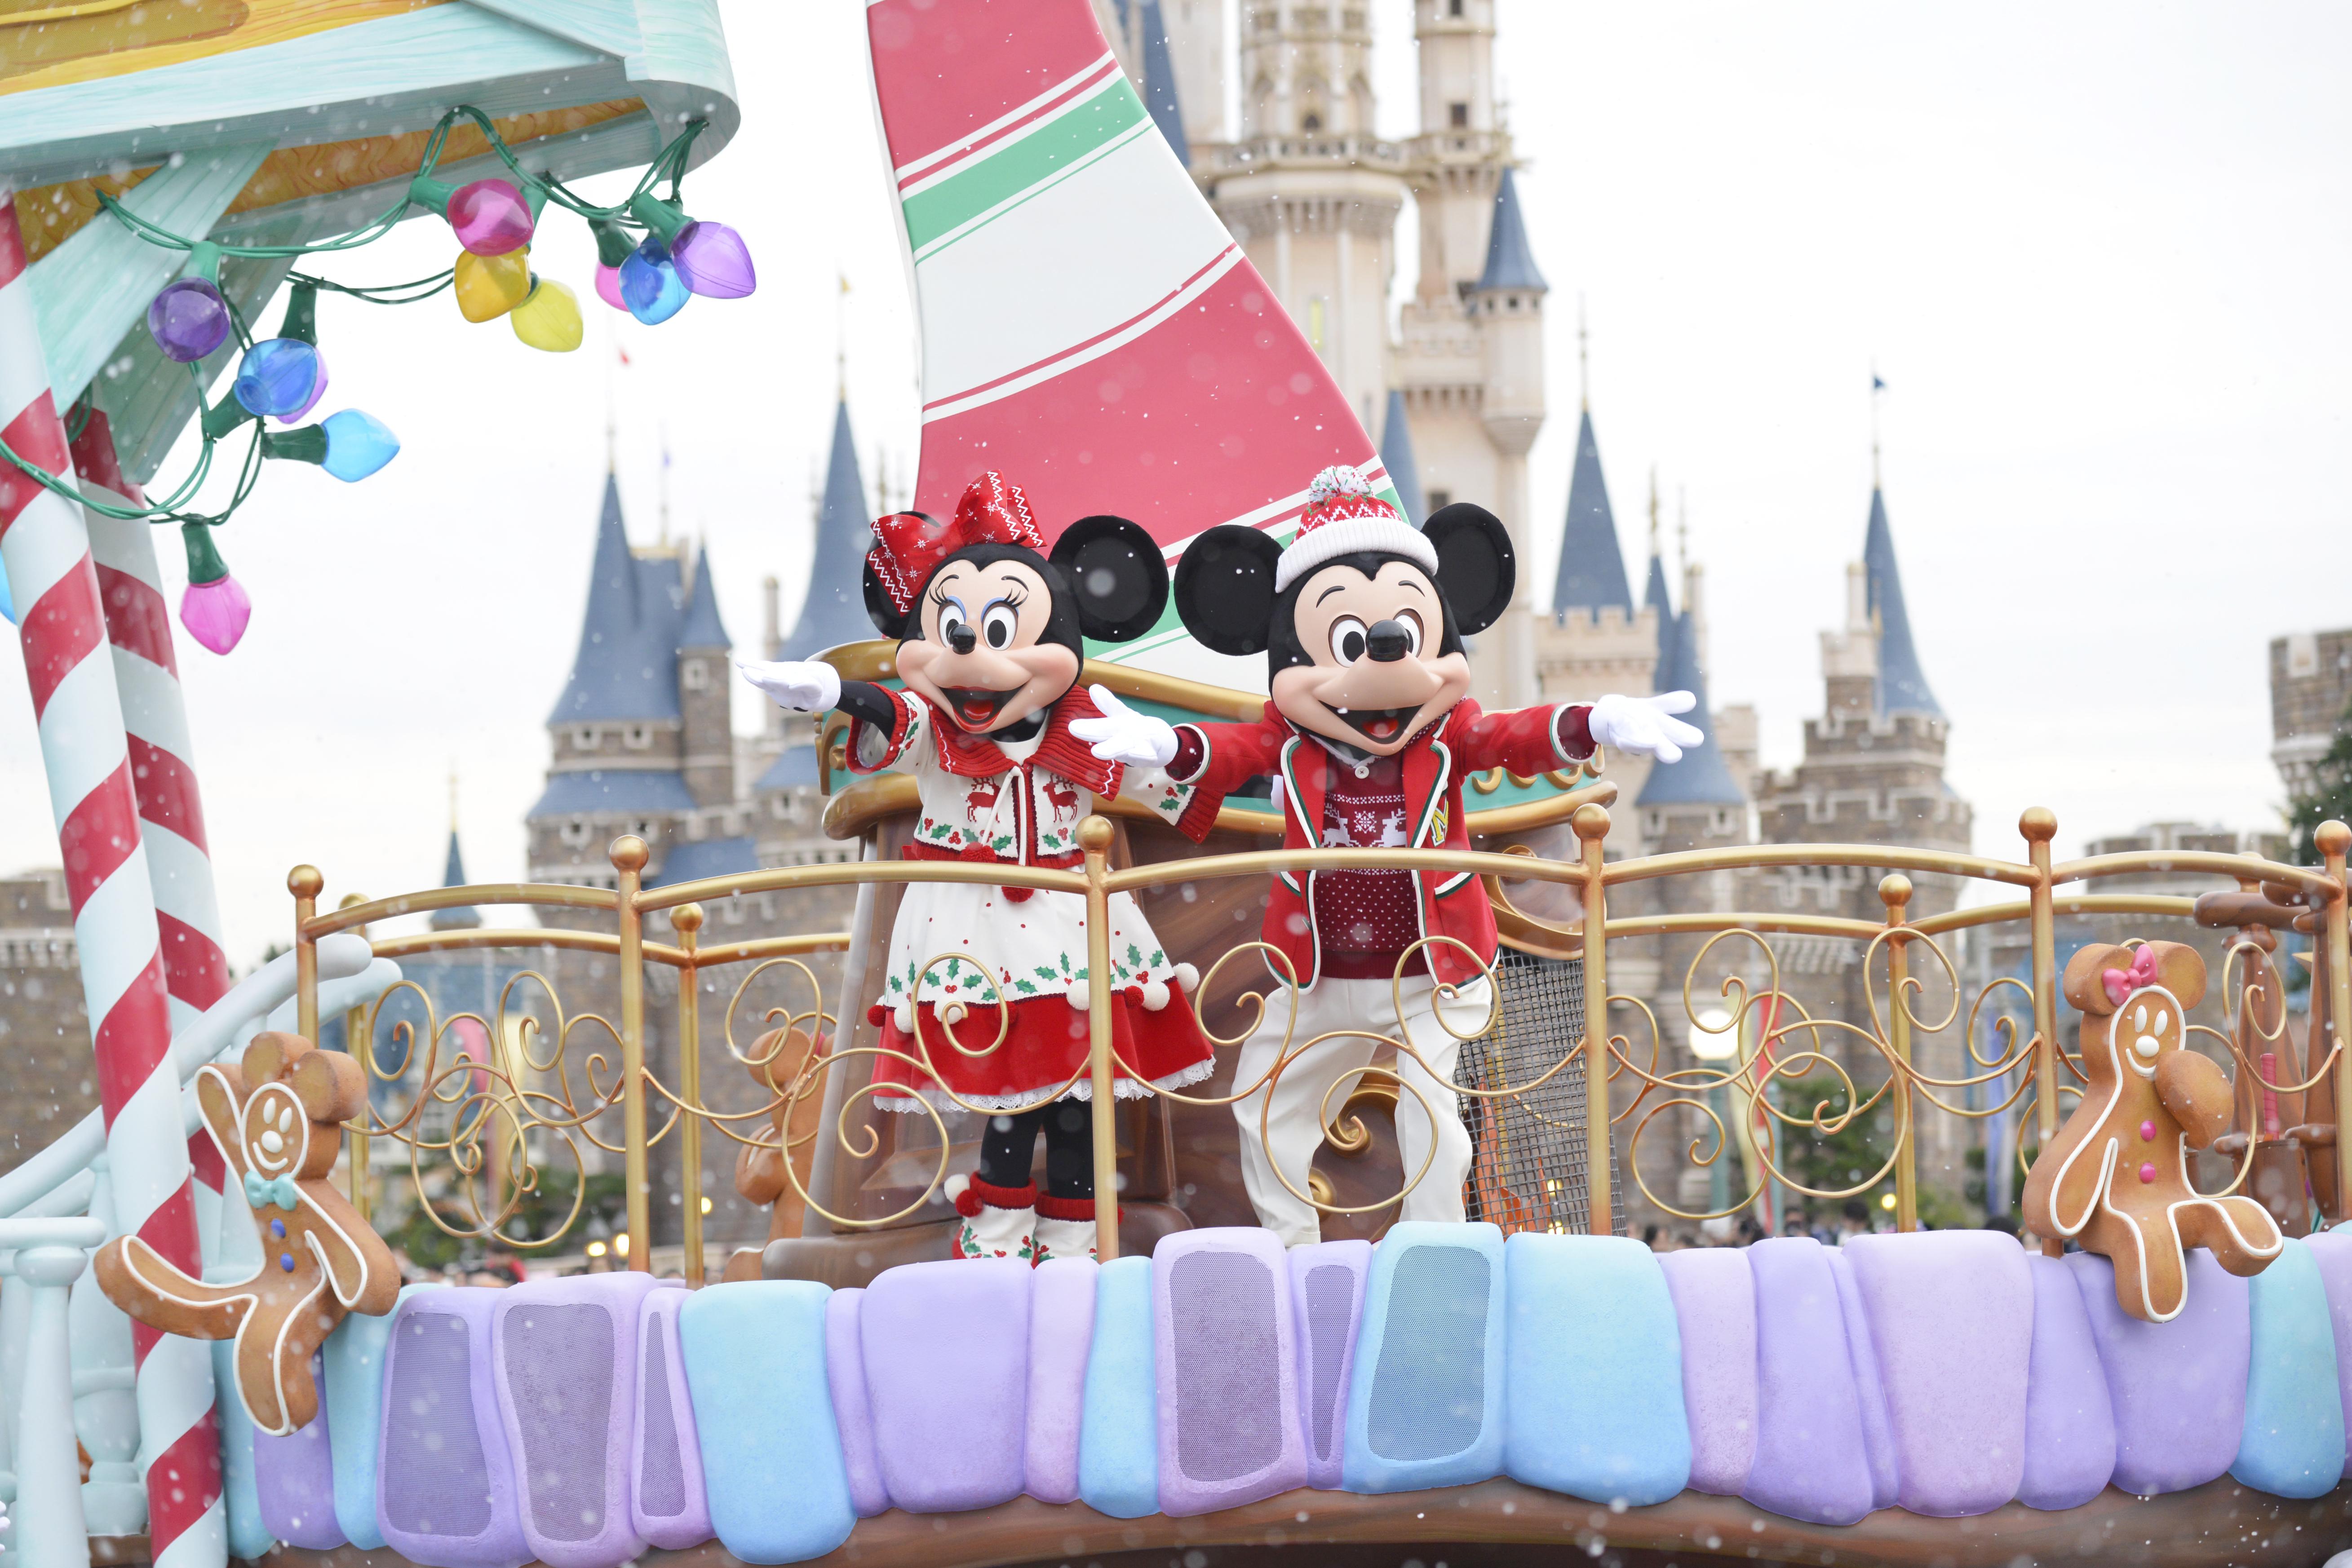 東京ディズニーランドの35周年クリスマス!アニバーサリーイヤーならでは